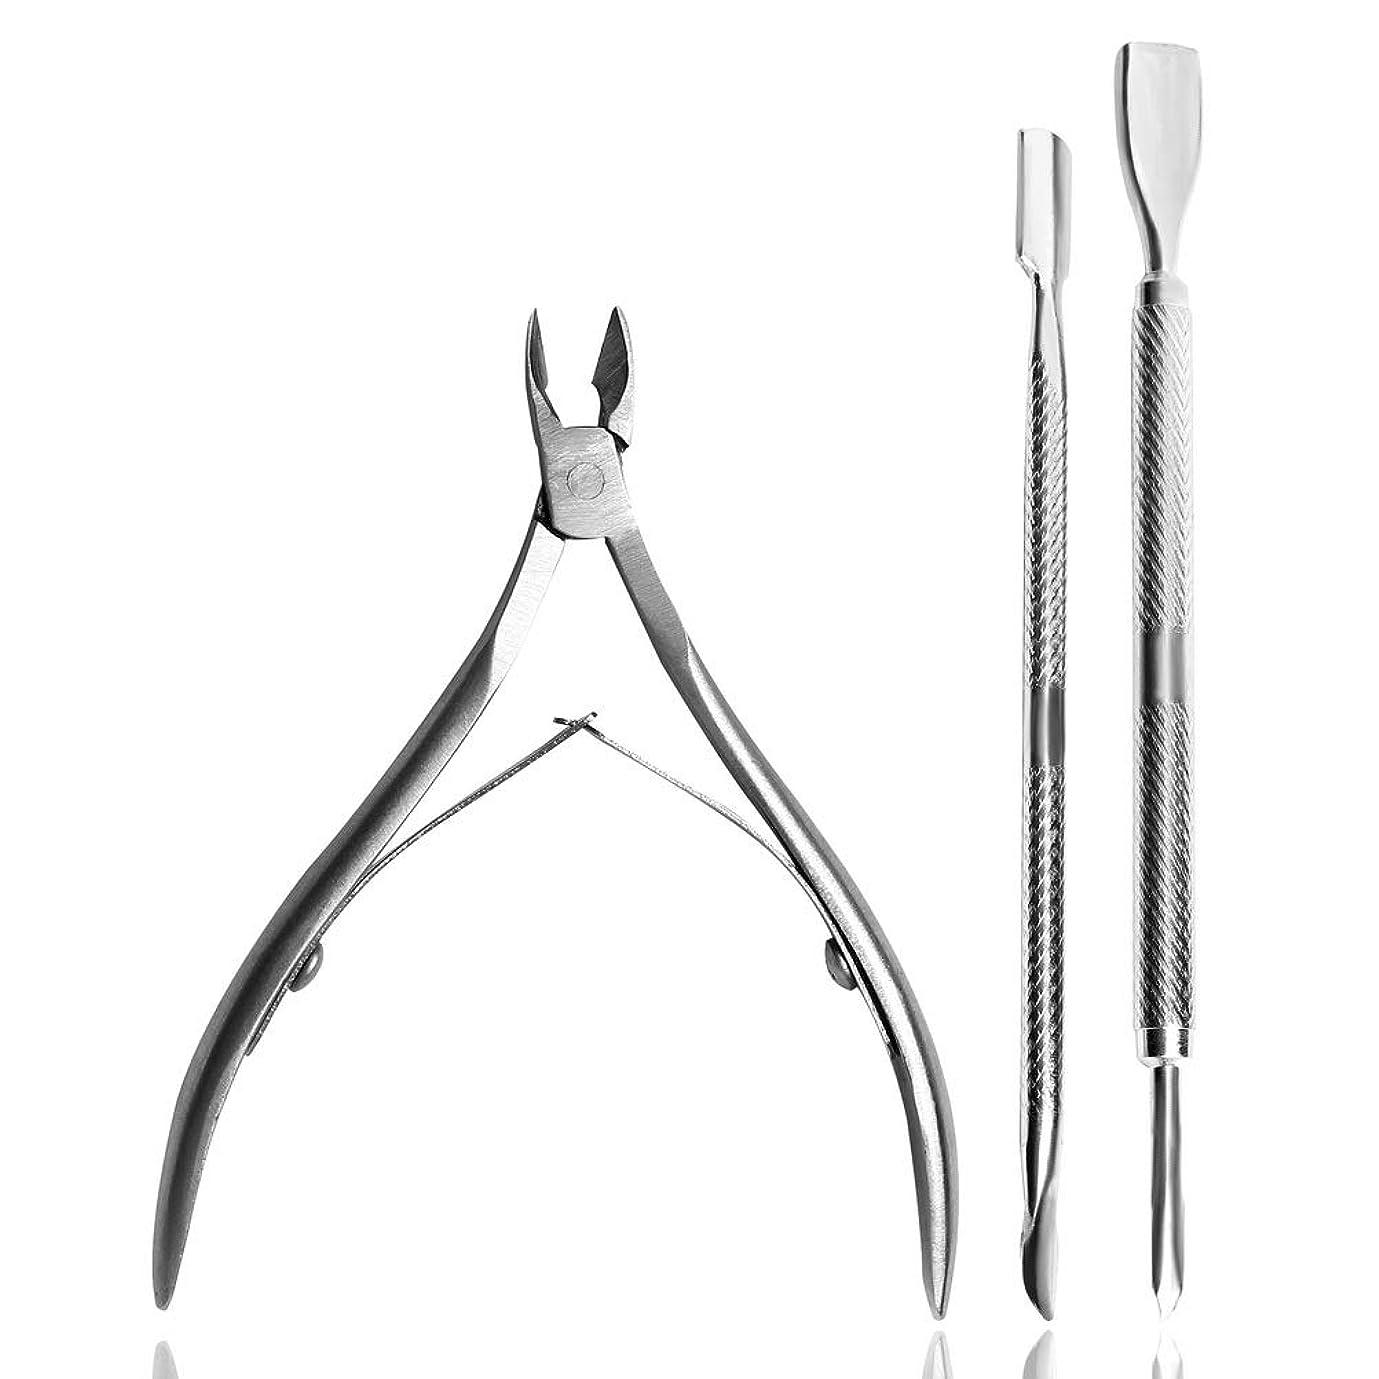 有名人家主いくつかのキューティクルリムーバー 医療用グレード ステンレス キューティクルニッパー 甘皮リムーバー マニキュア ペディキュア & 美容 ツール 爪 足爪 用